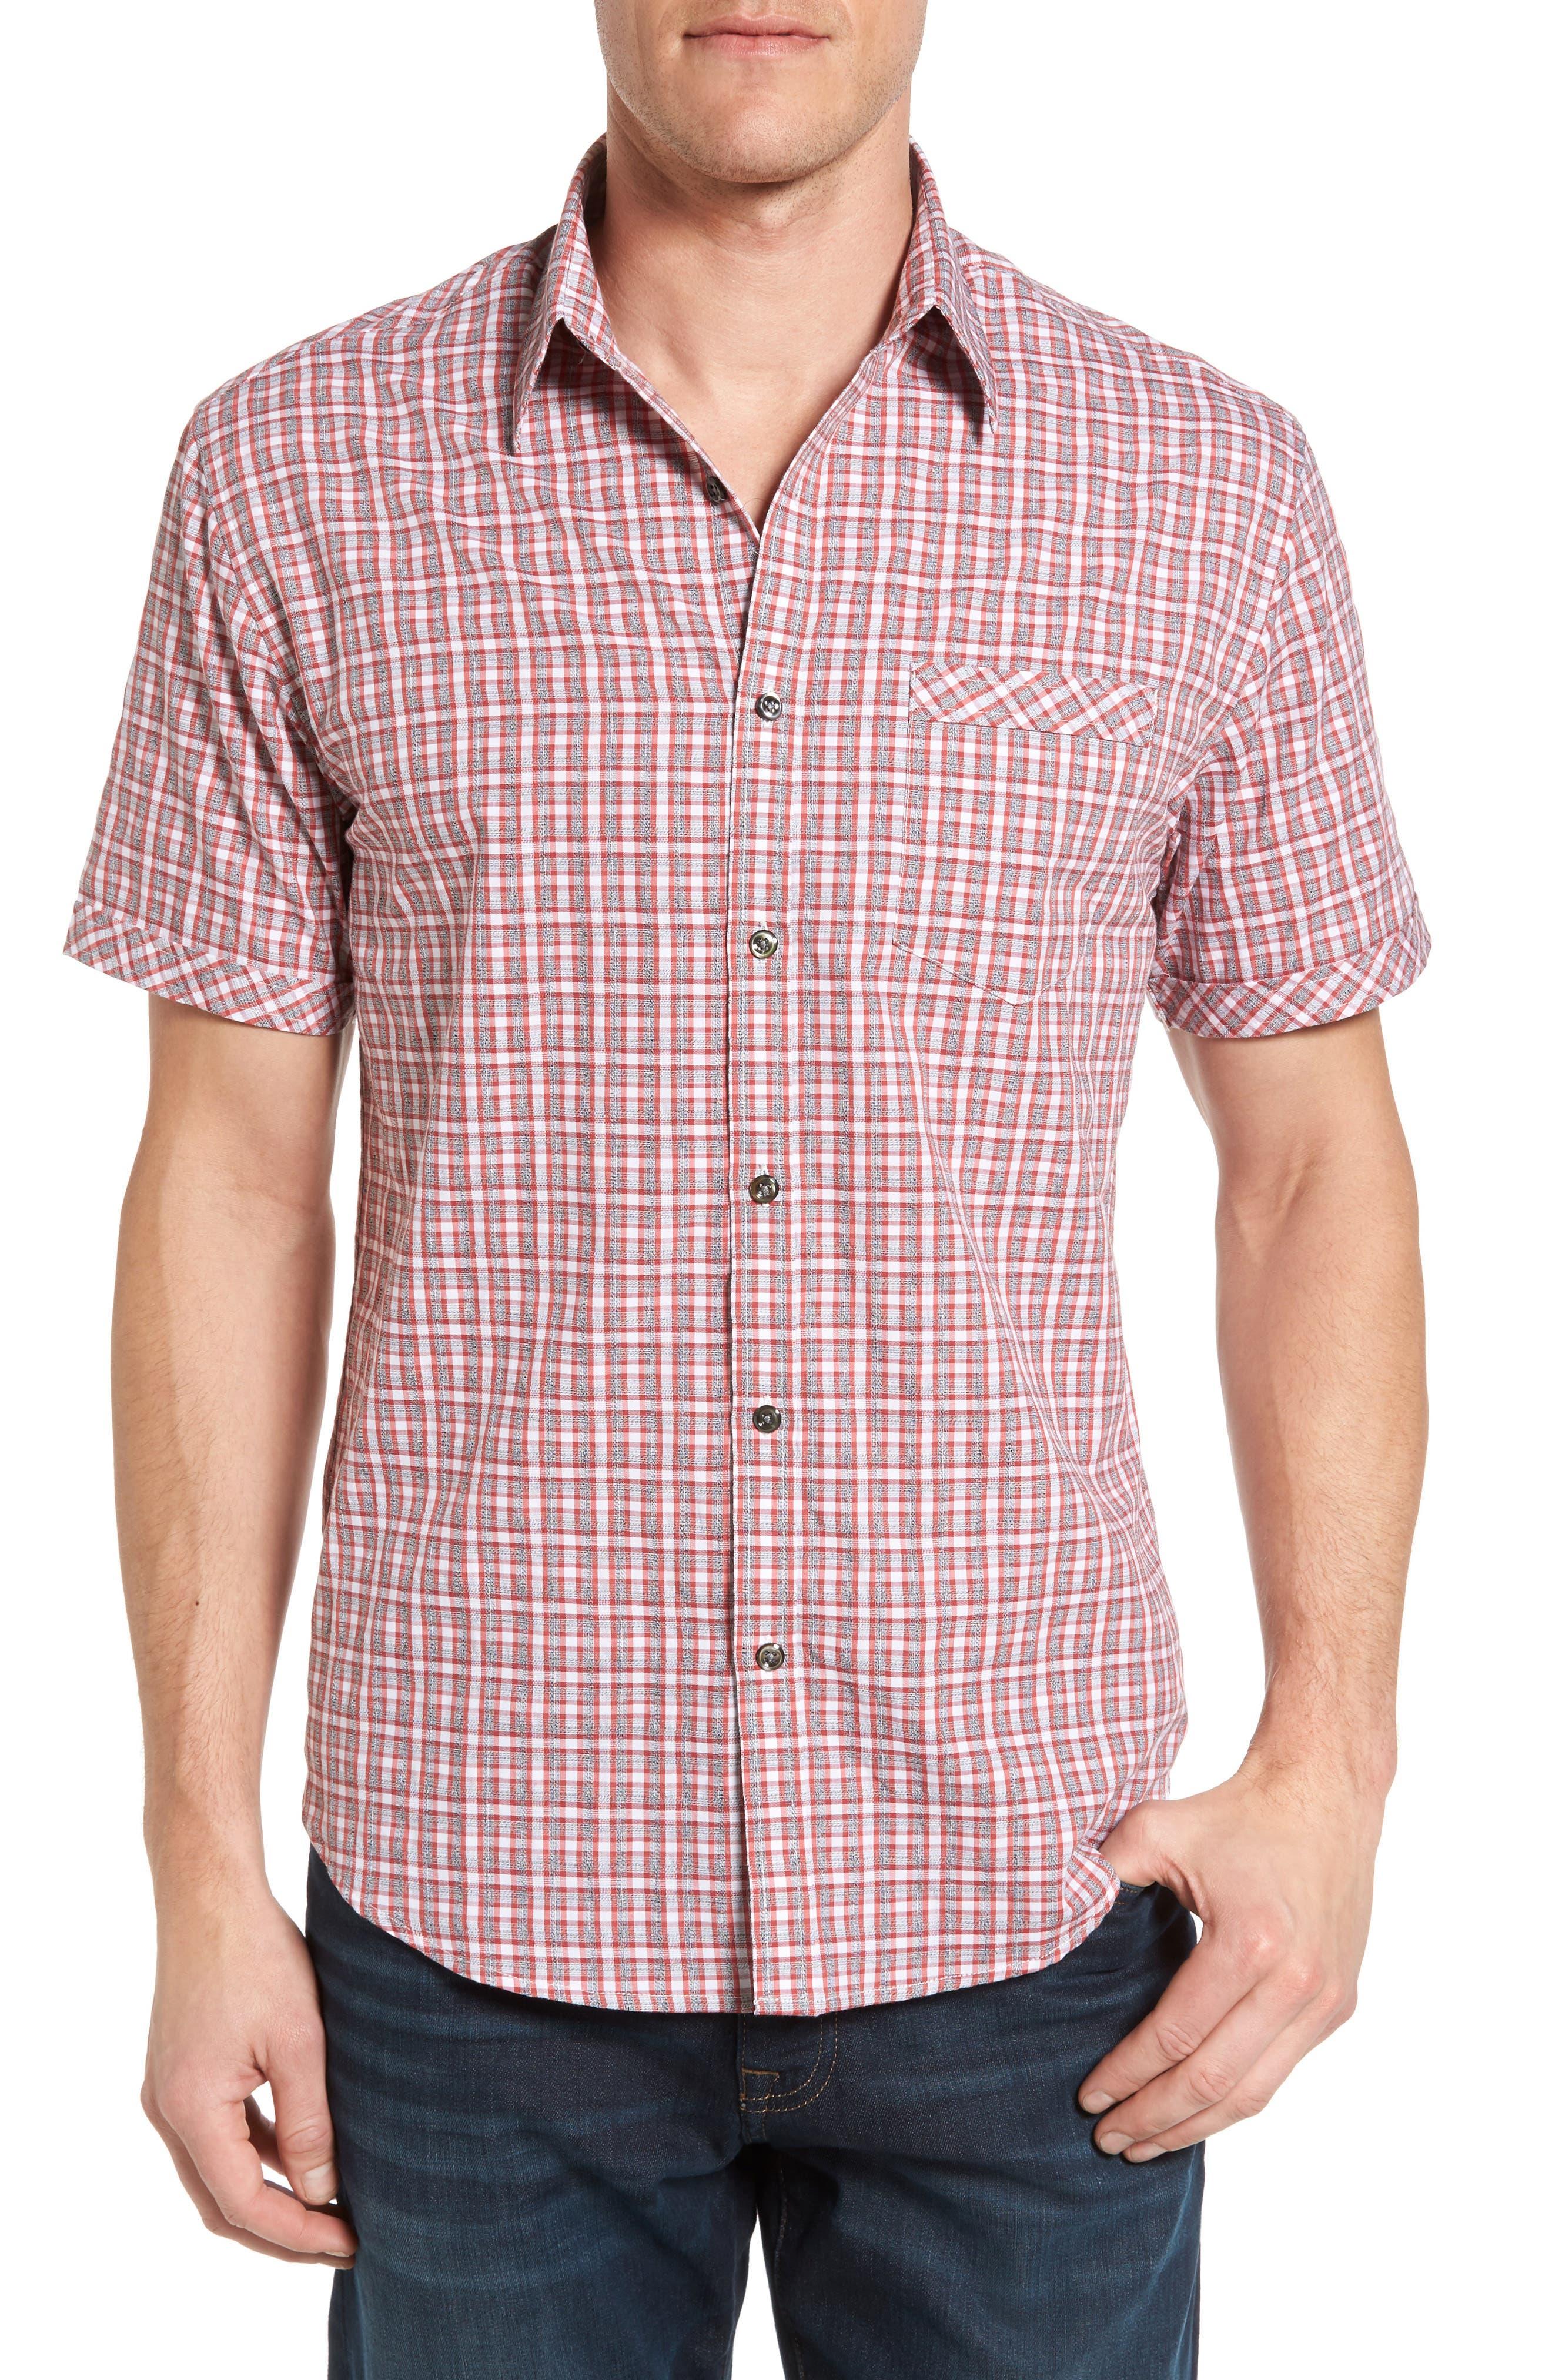 James Campbell Marco Regular Fit Short Sleeve Sport Shirt